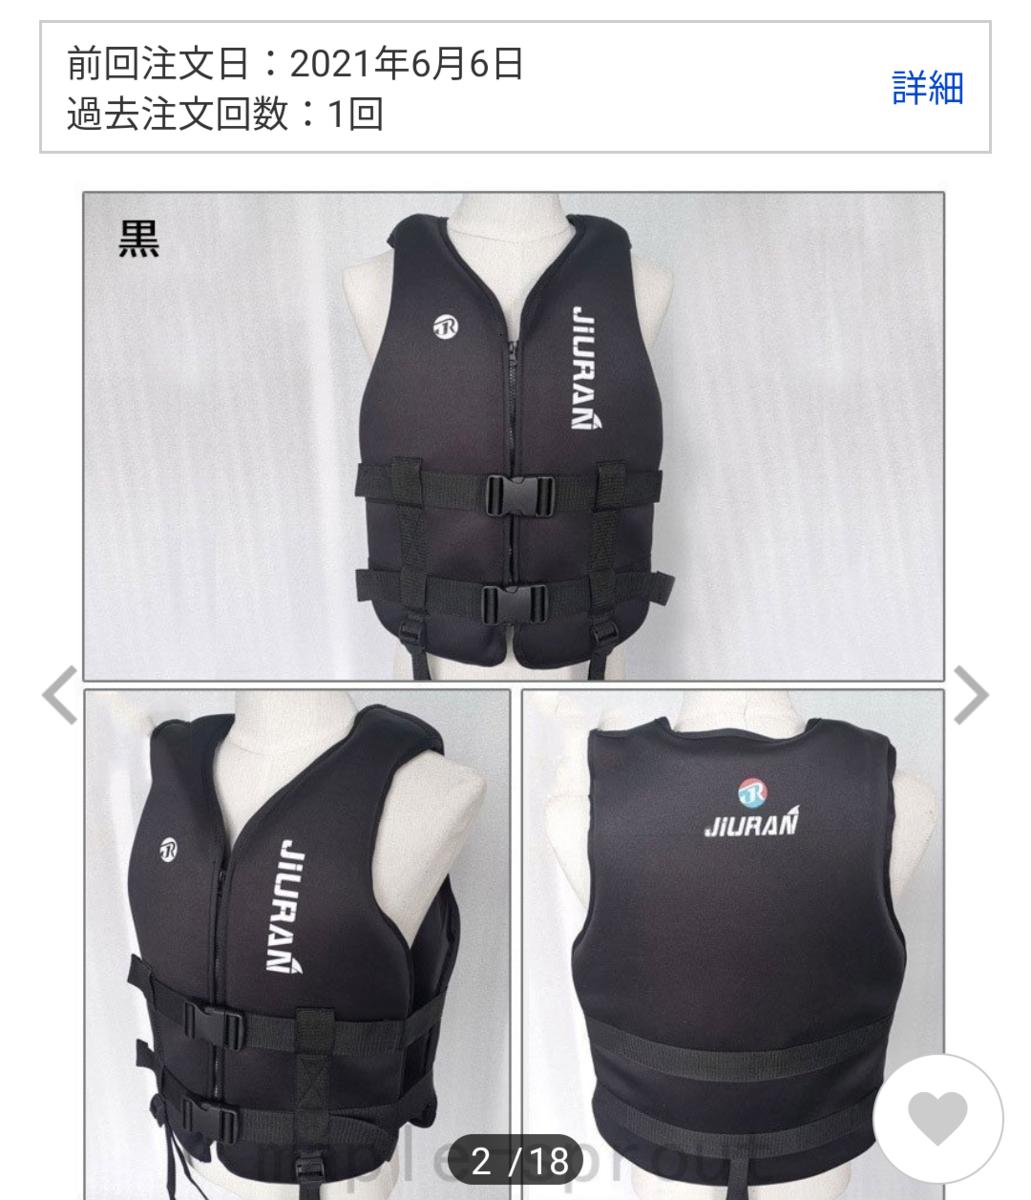 f:id:otoyan191:20210616200539p:plain